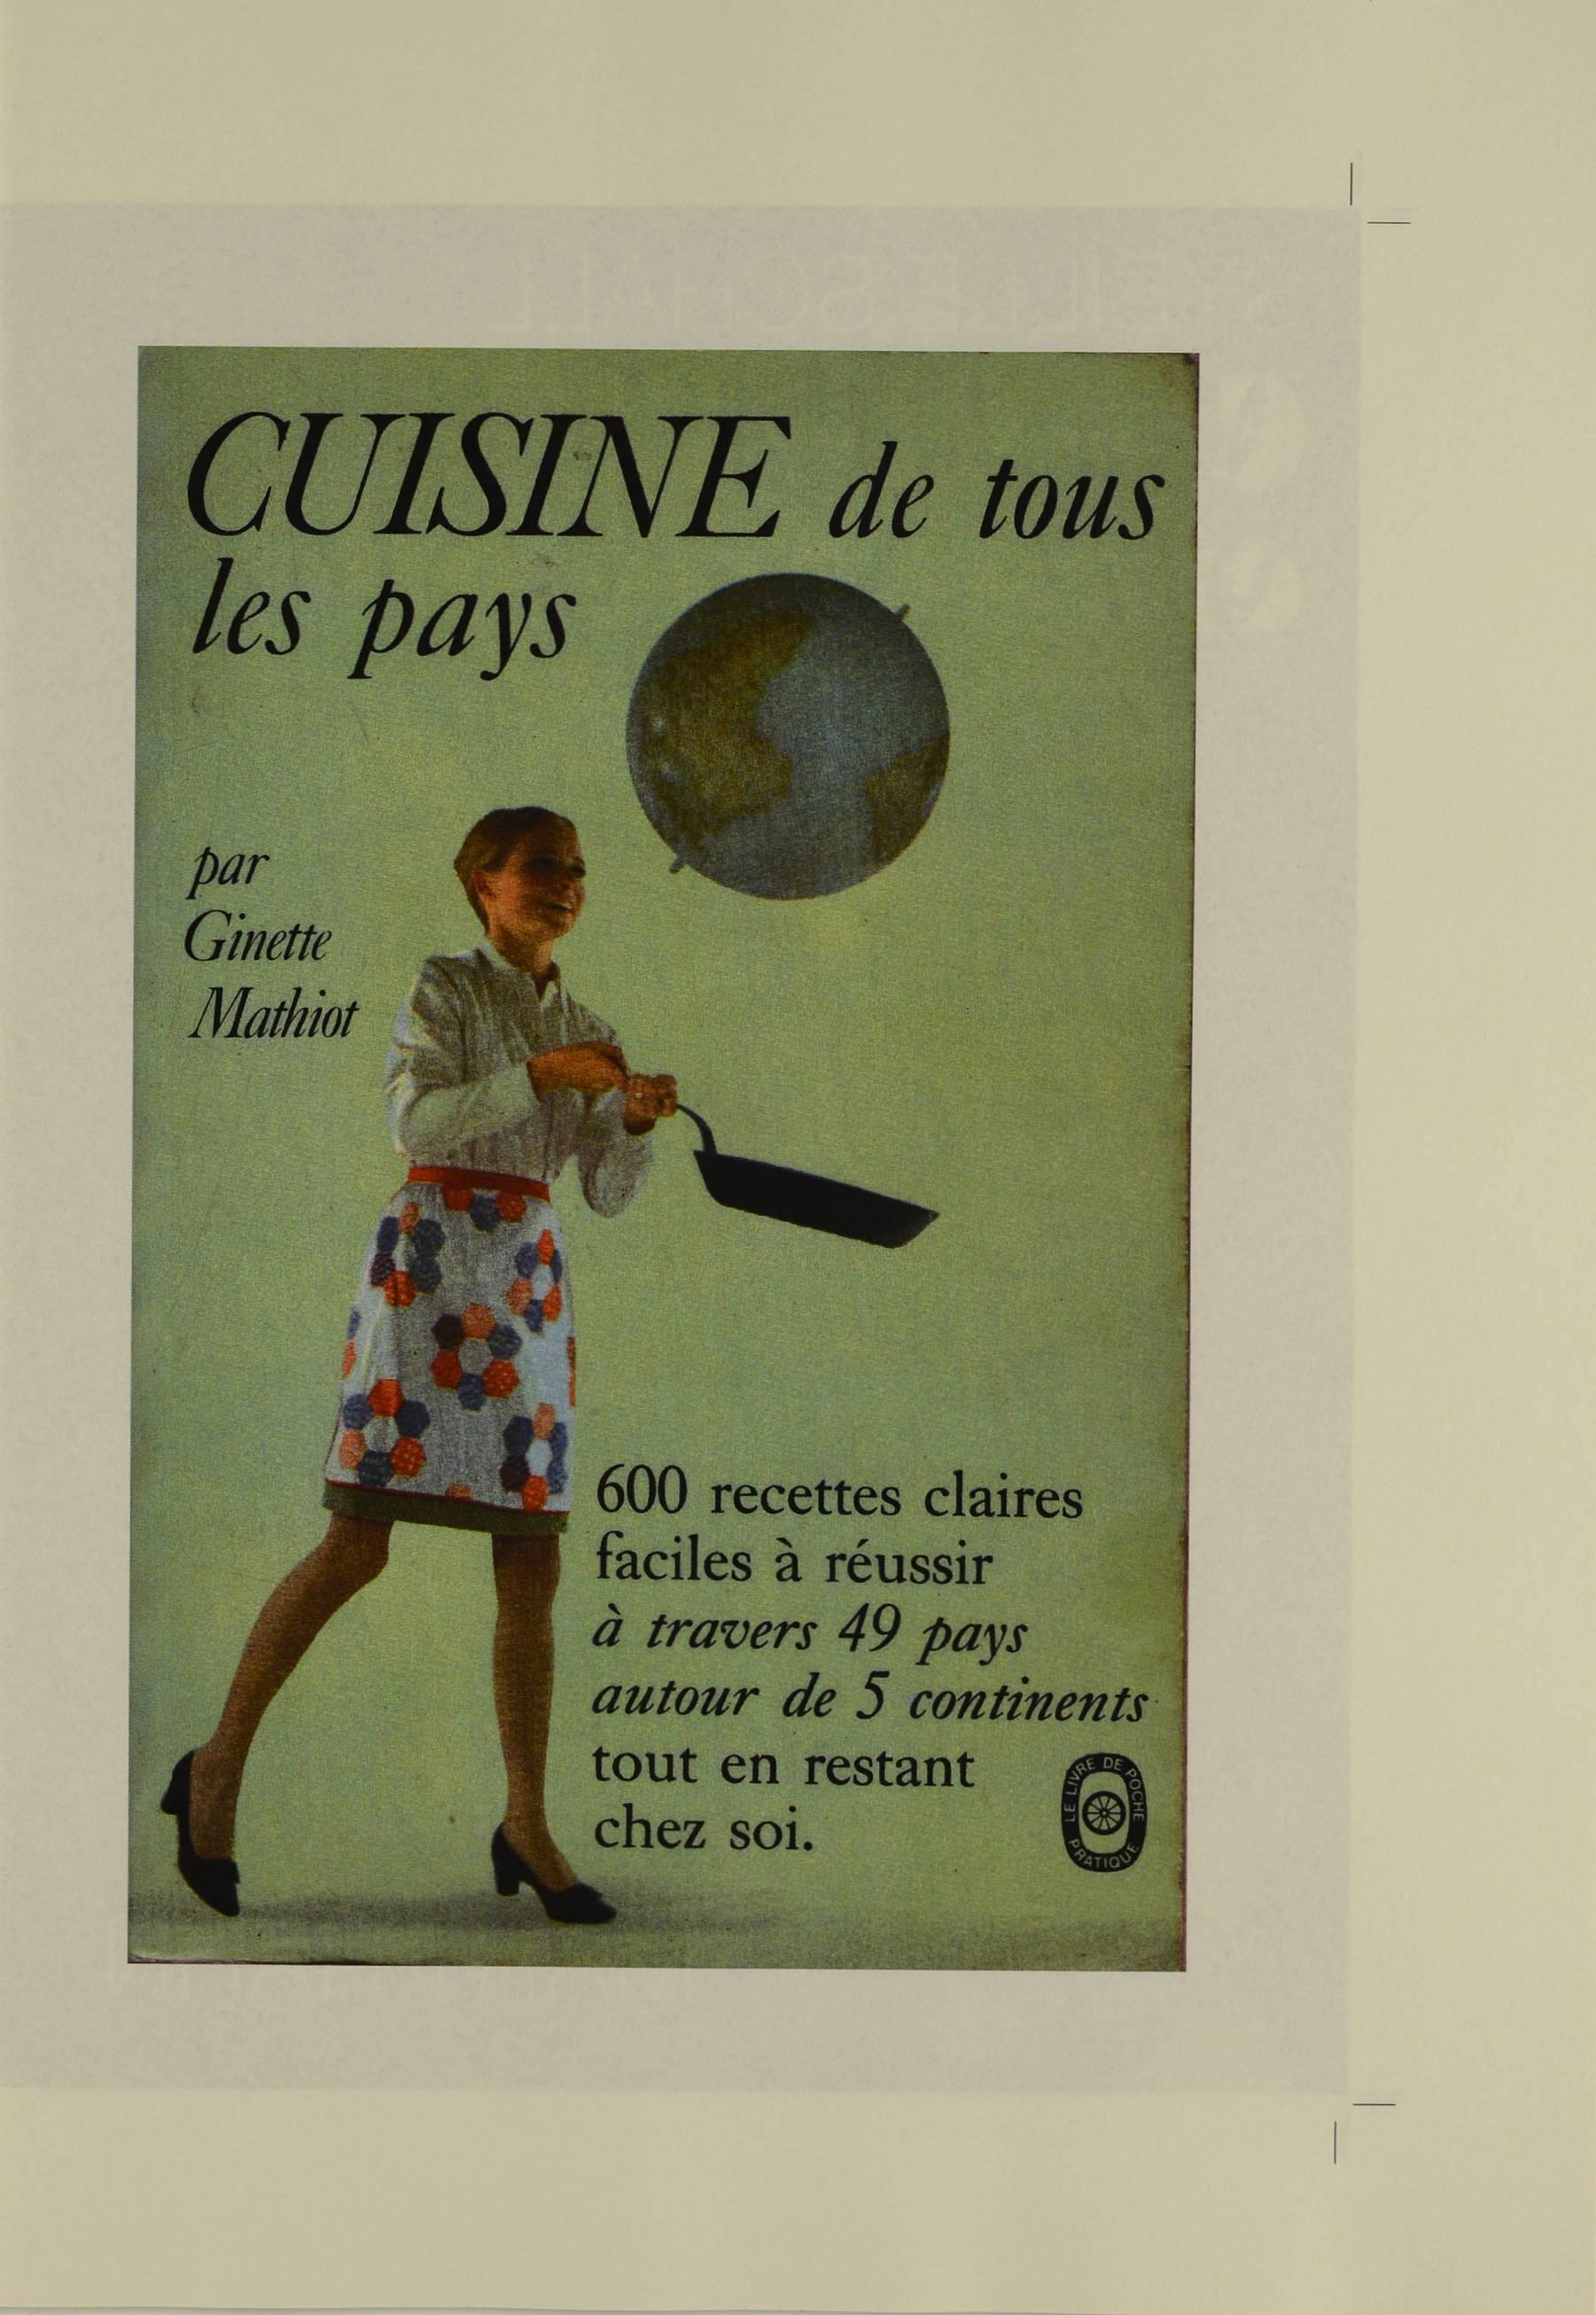 Contenu du Cuisine de tous les pays